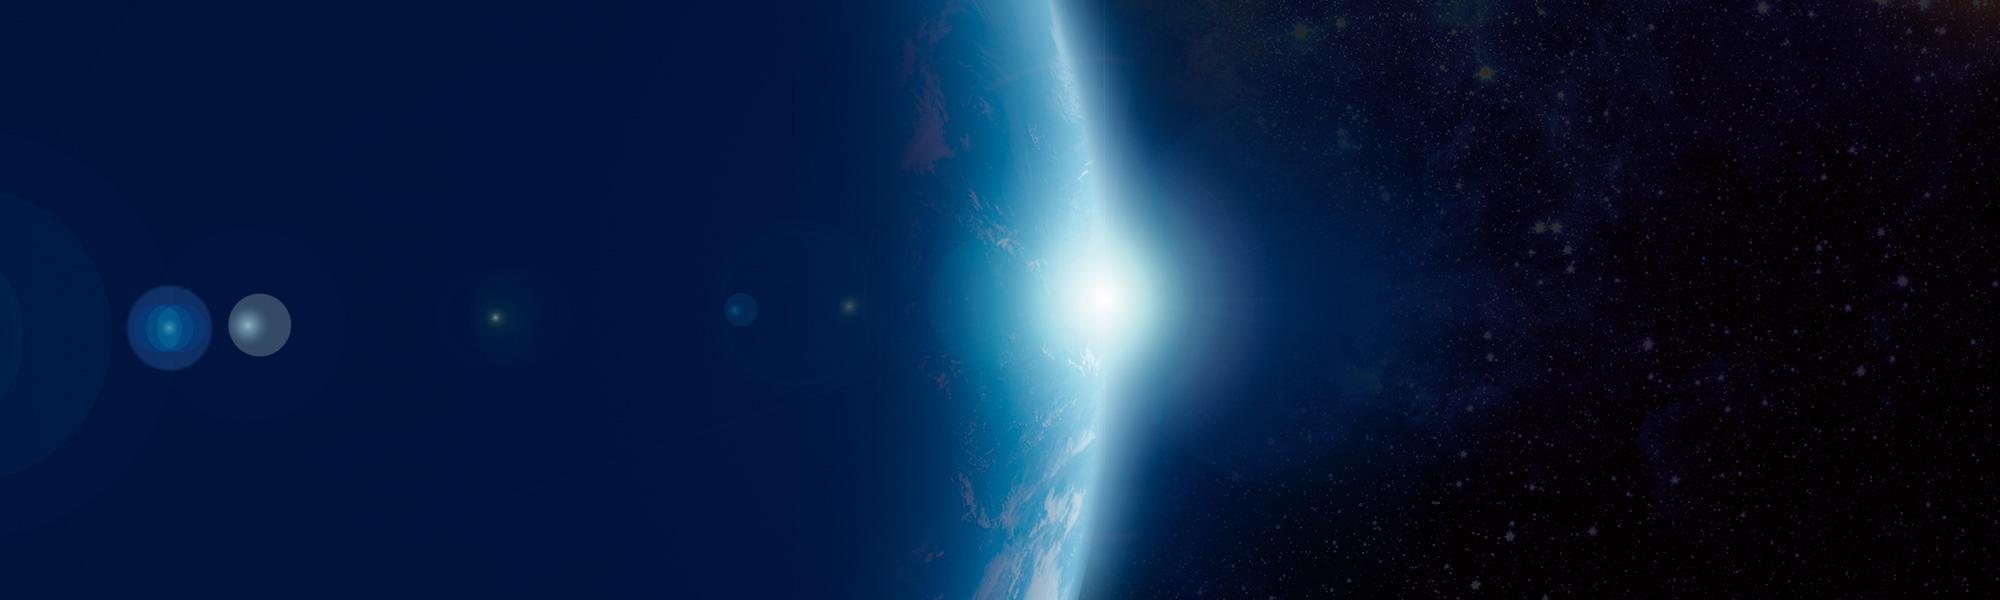 東京流研は新しい技術を提供する宇宙ベンチャー企業です。